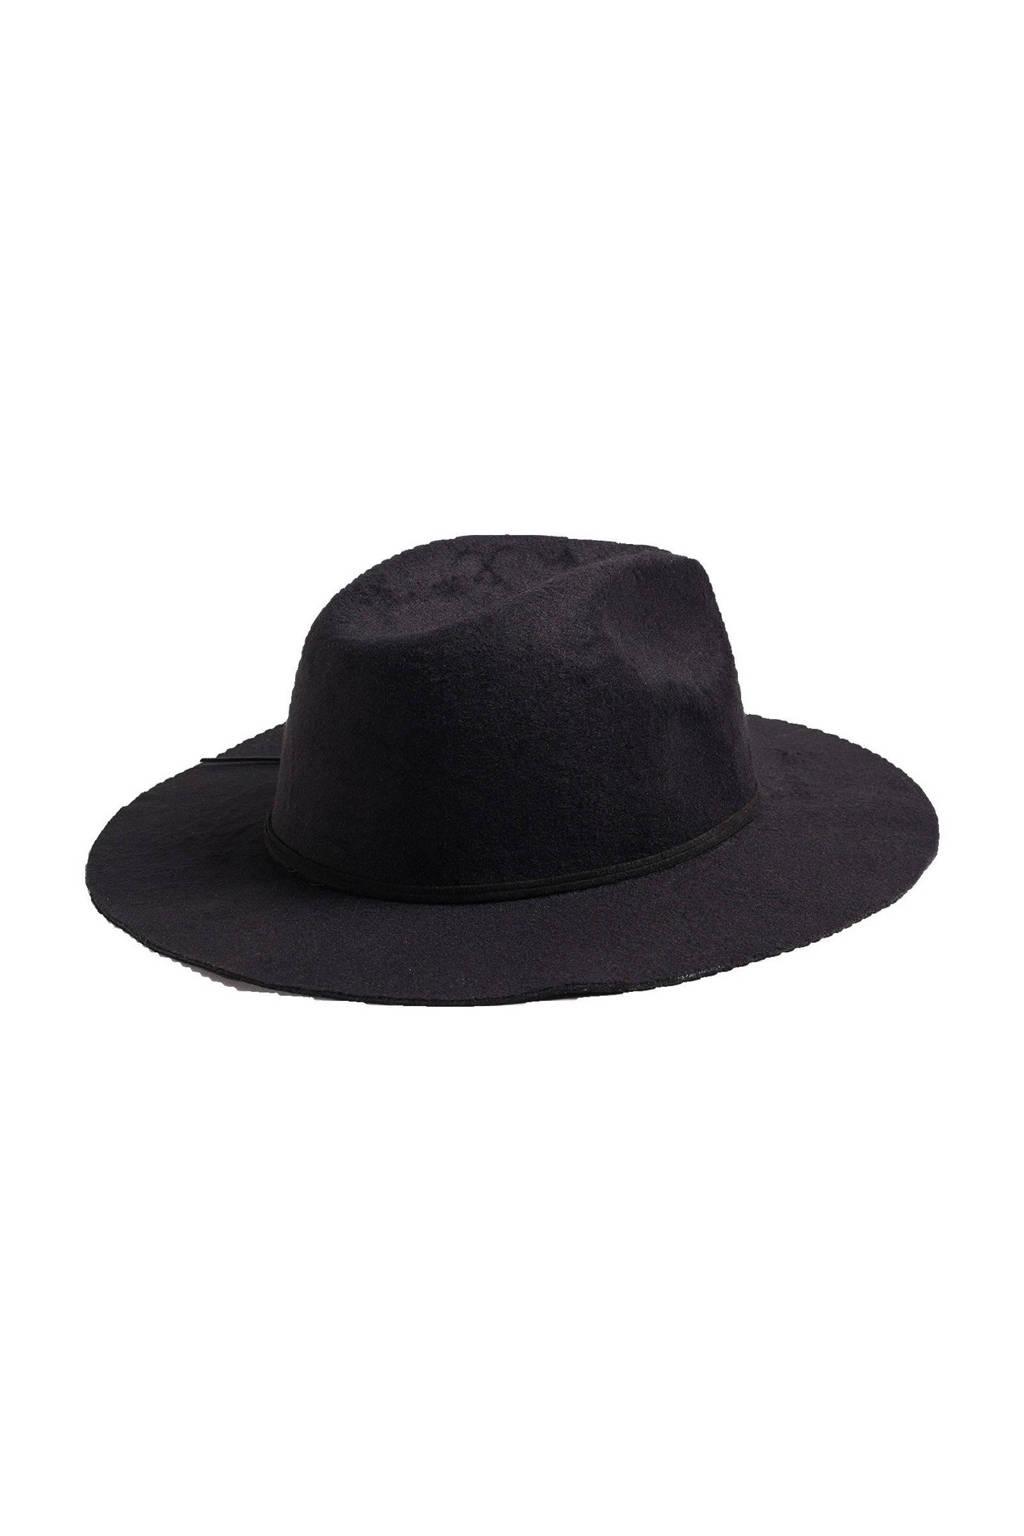 WE Fashion hoed zwart, Zwart